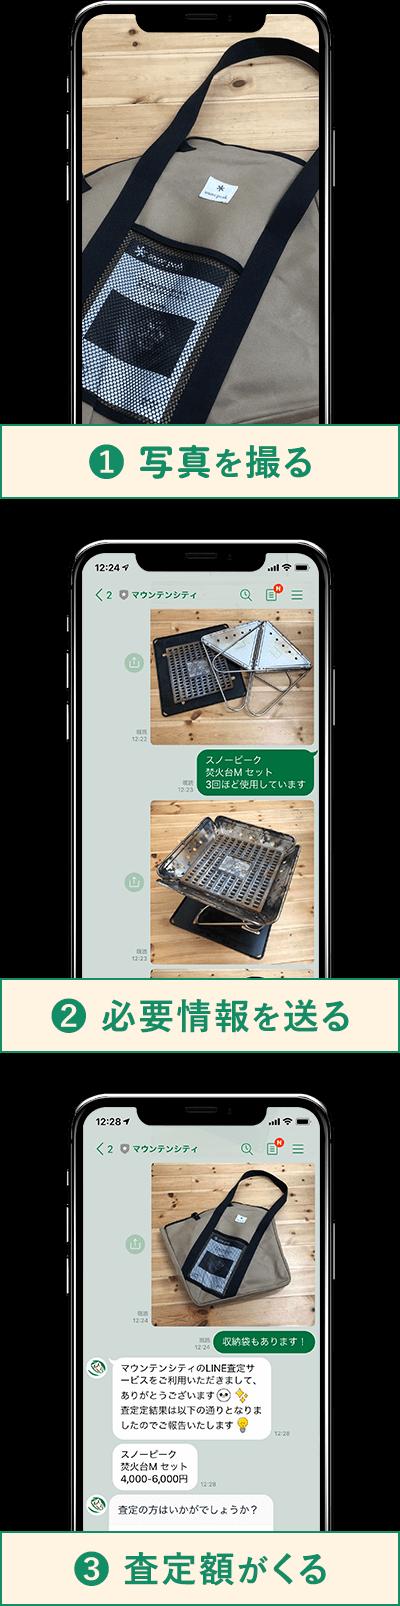 LINE査定の3ステップ